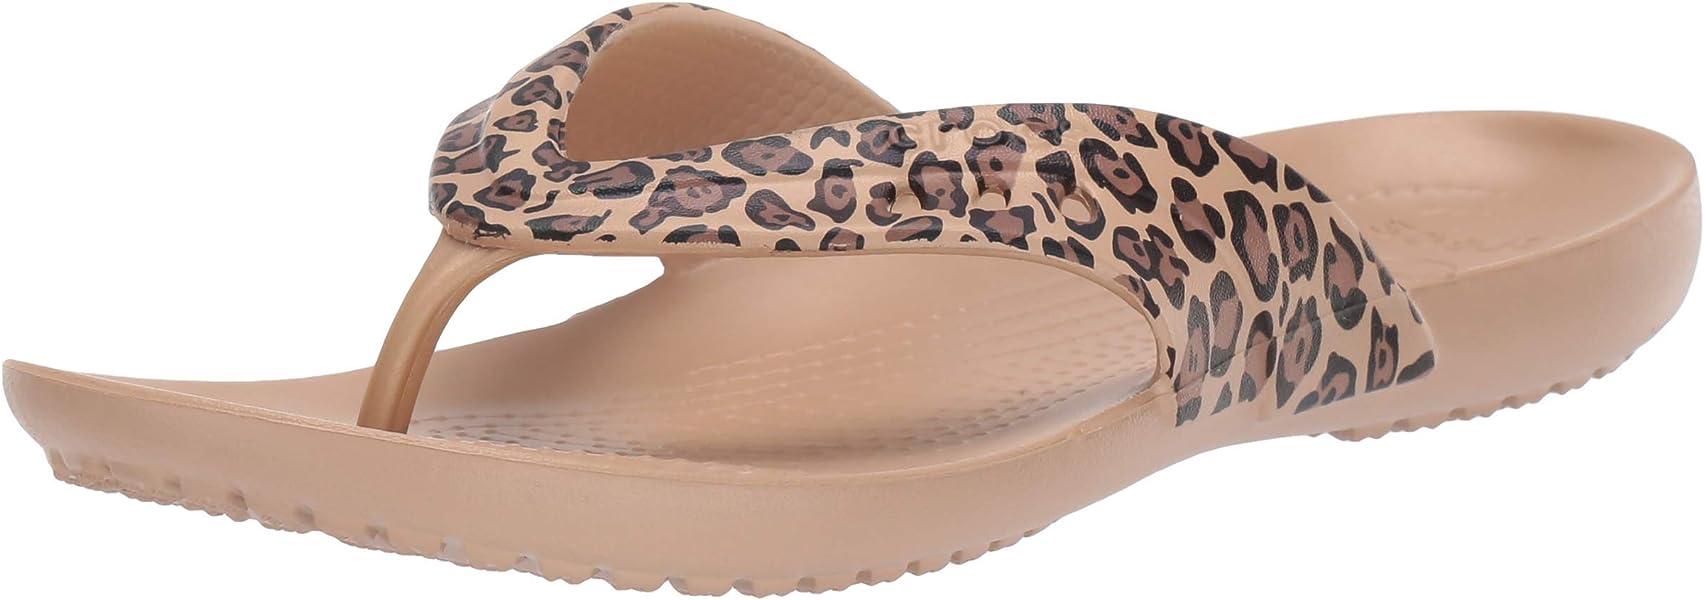 93b39c5b82841d Crocs Women s Kadee Leopard Print Flip-Flop